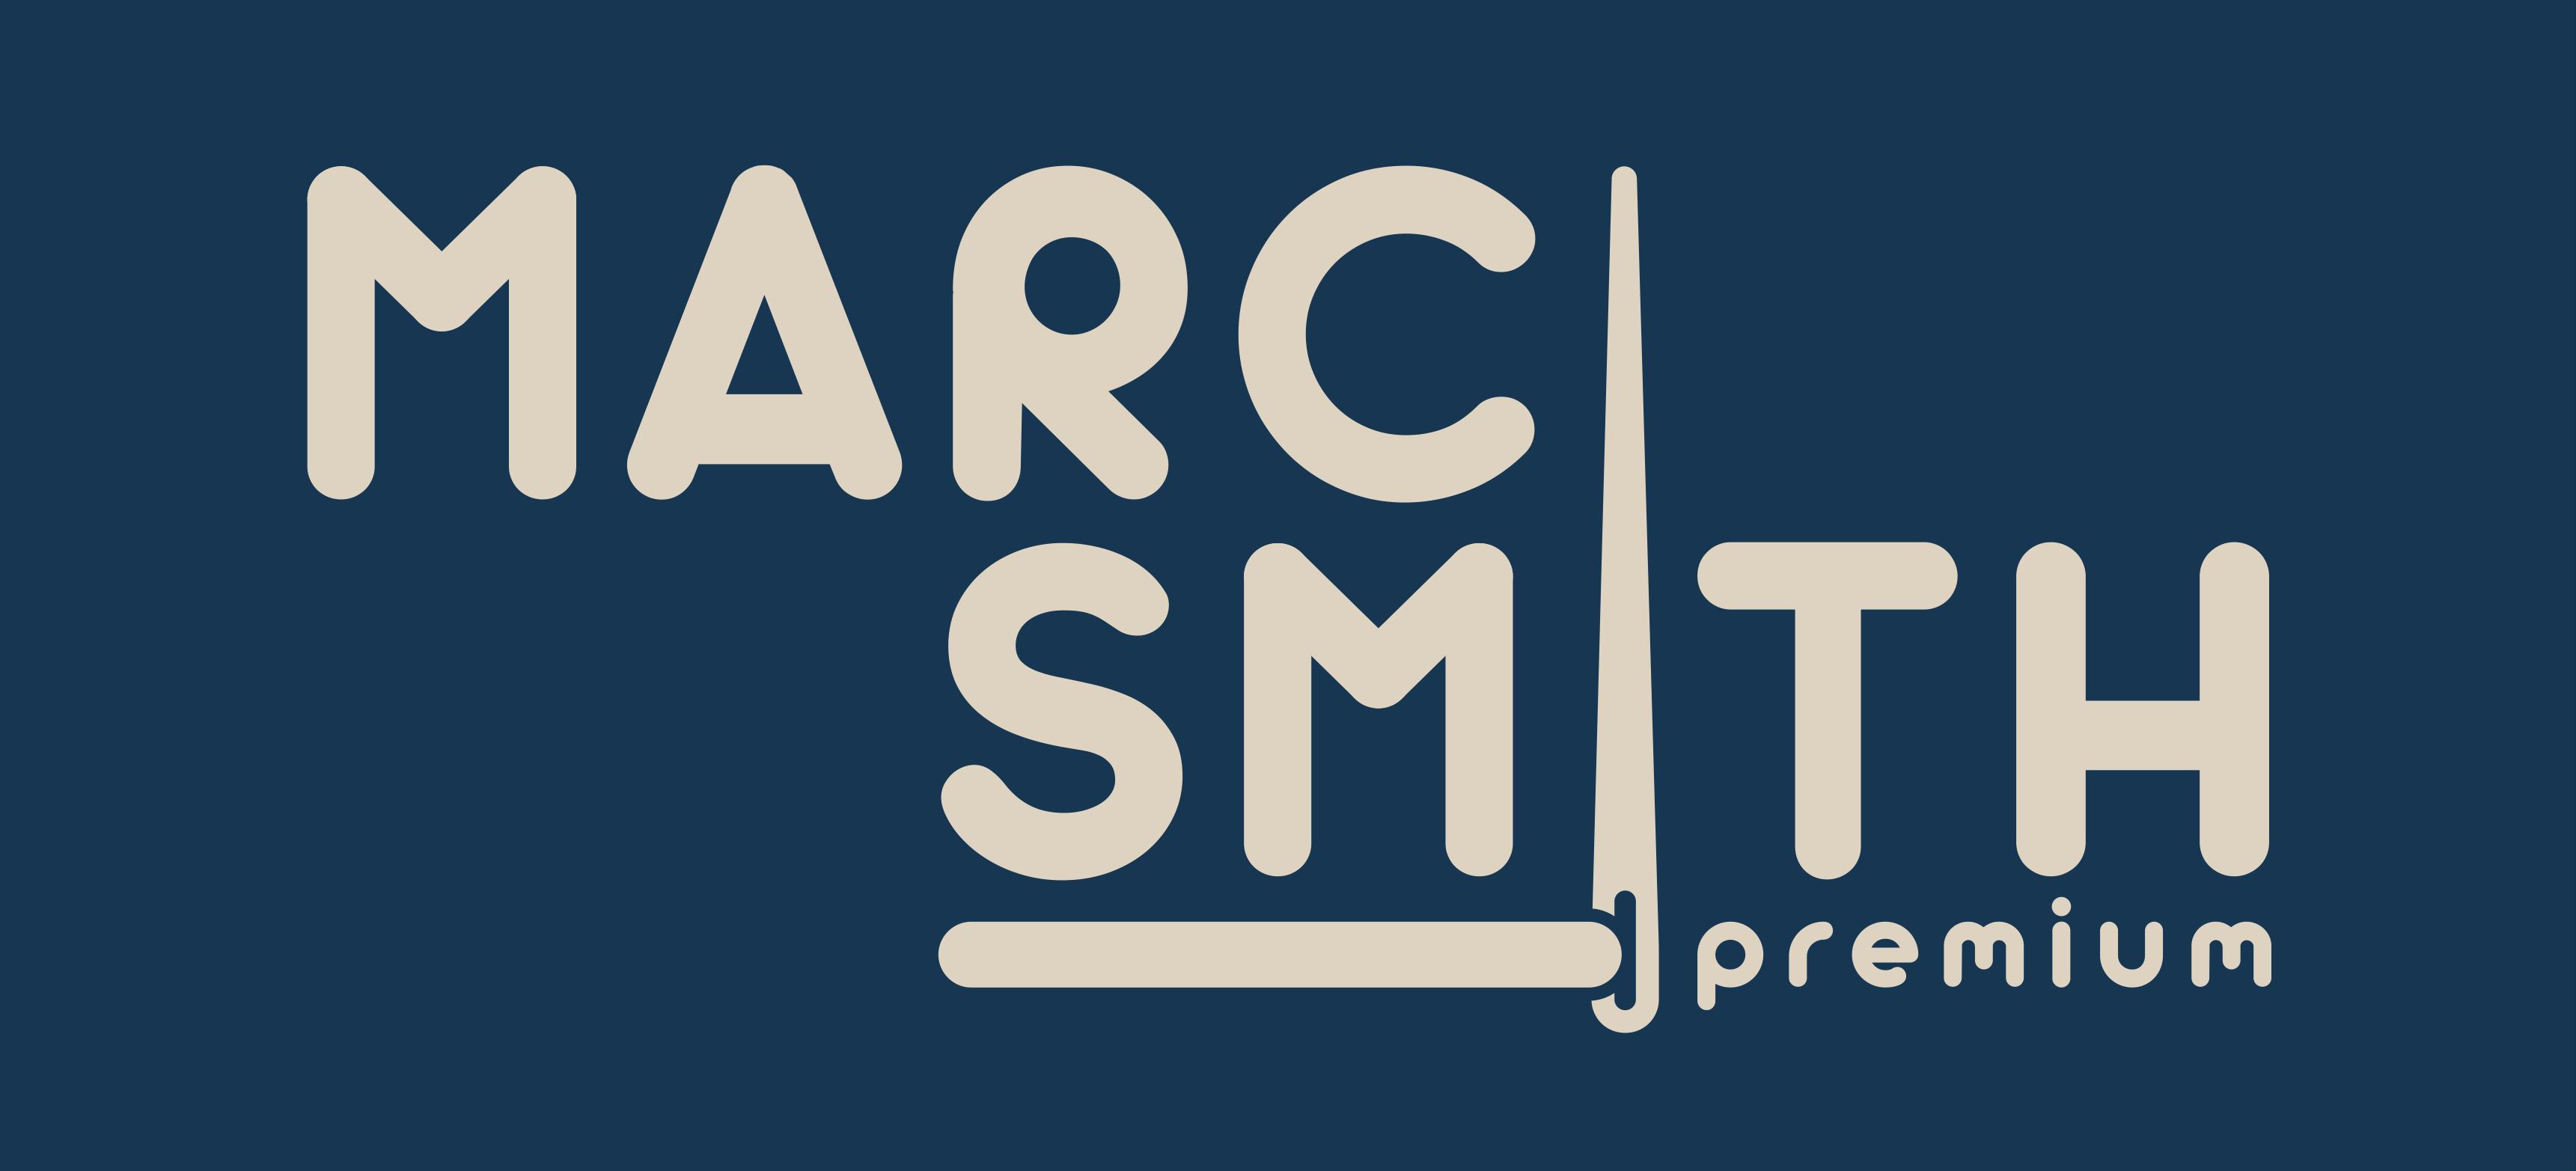 Разработка логотипа для ЛИЧНОГО БРЕНДА.  фото f_8145d0125f36d288.png